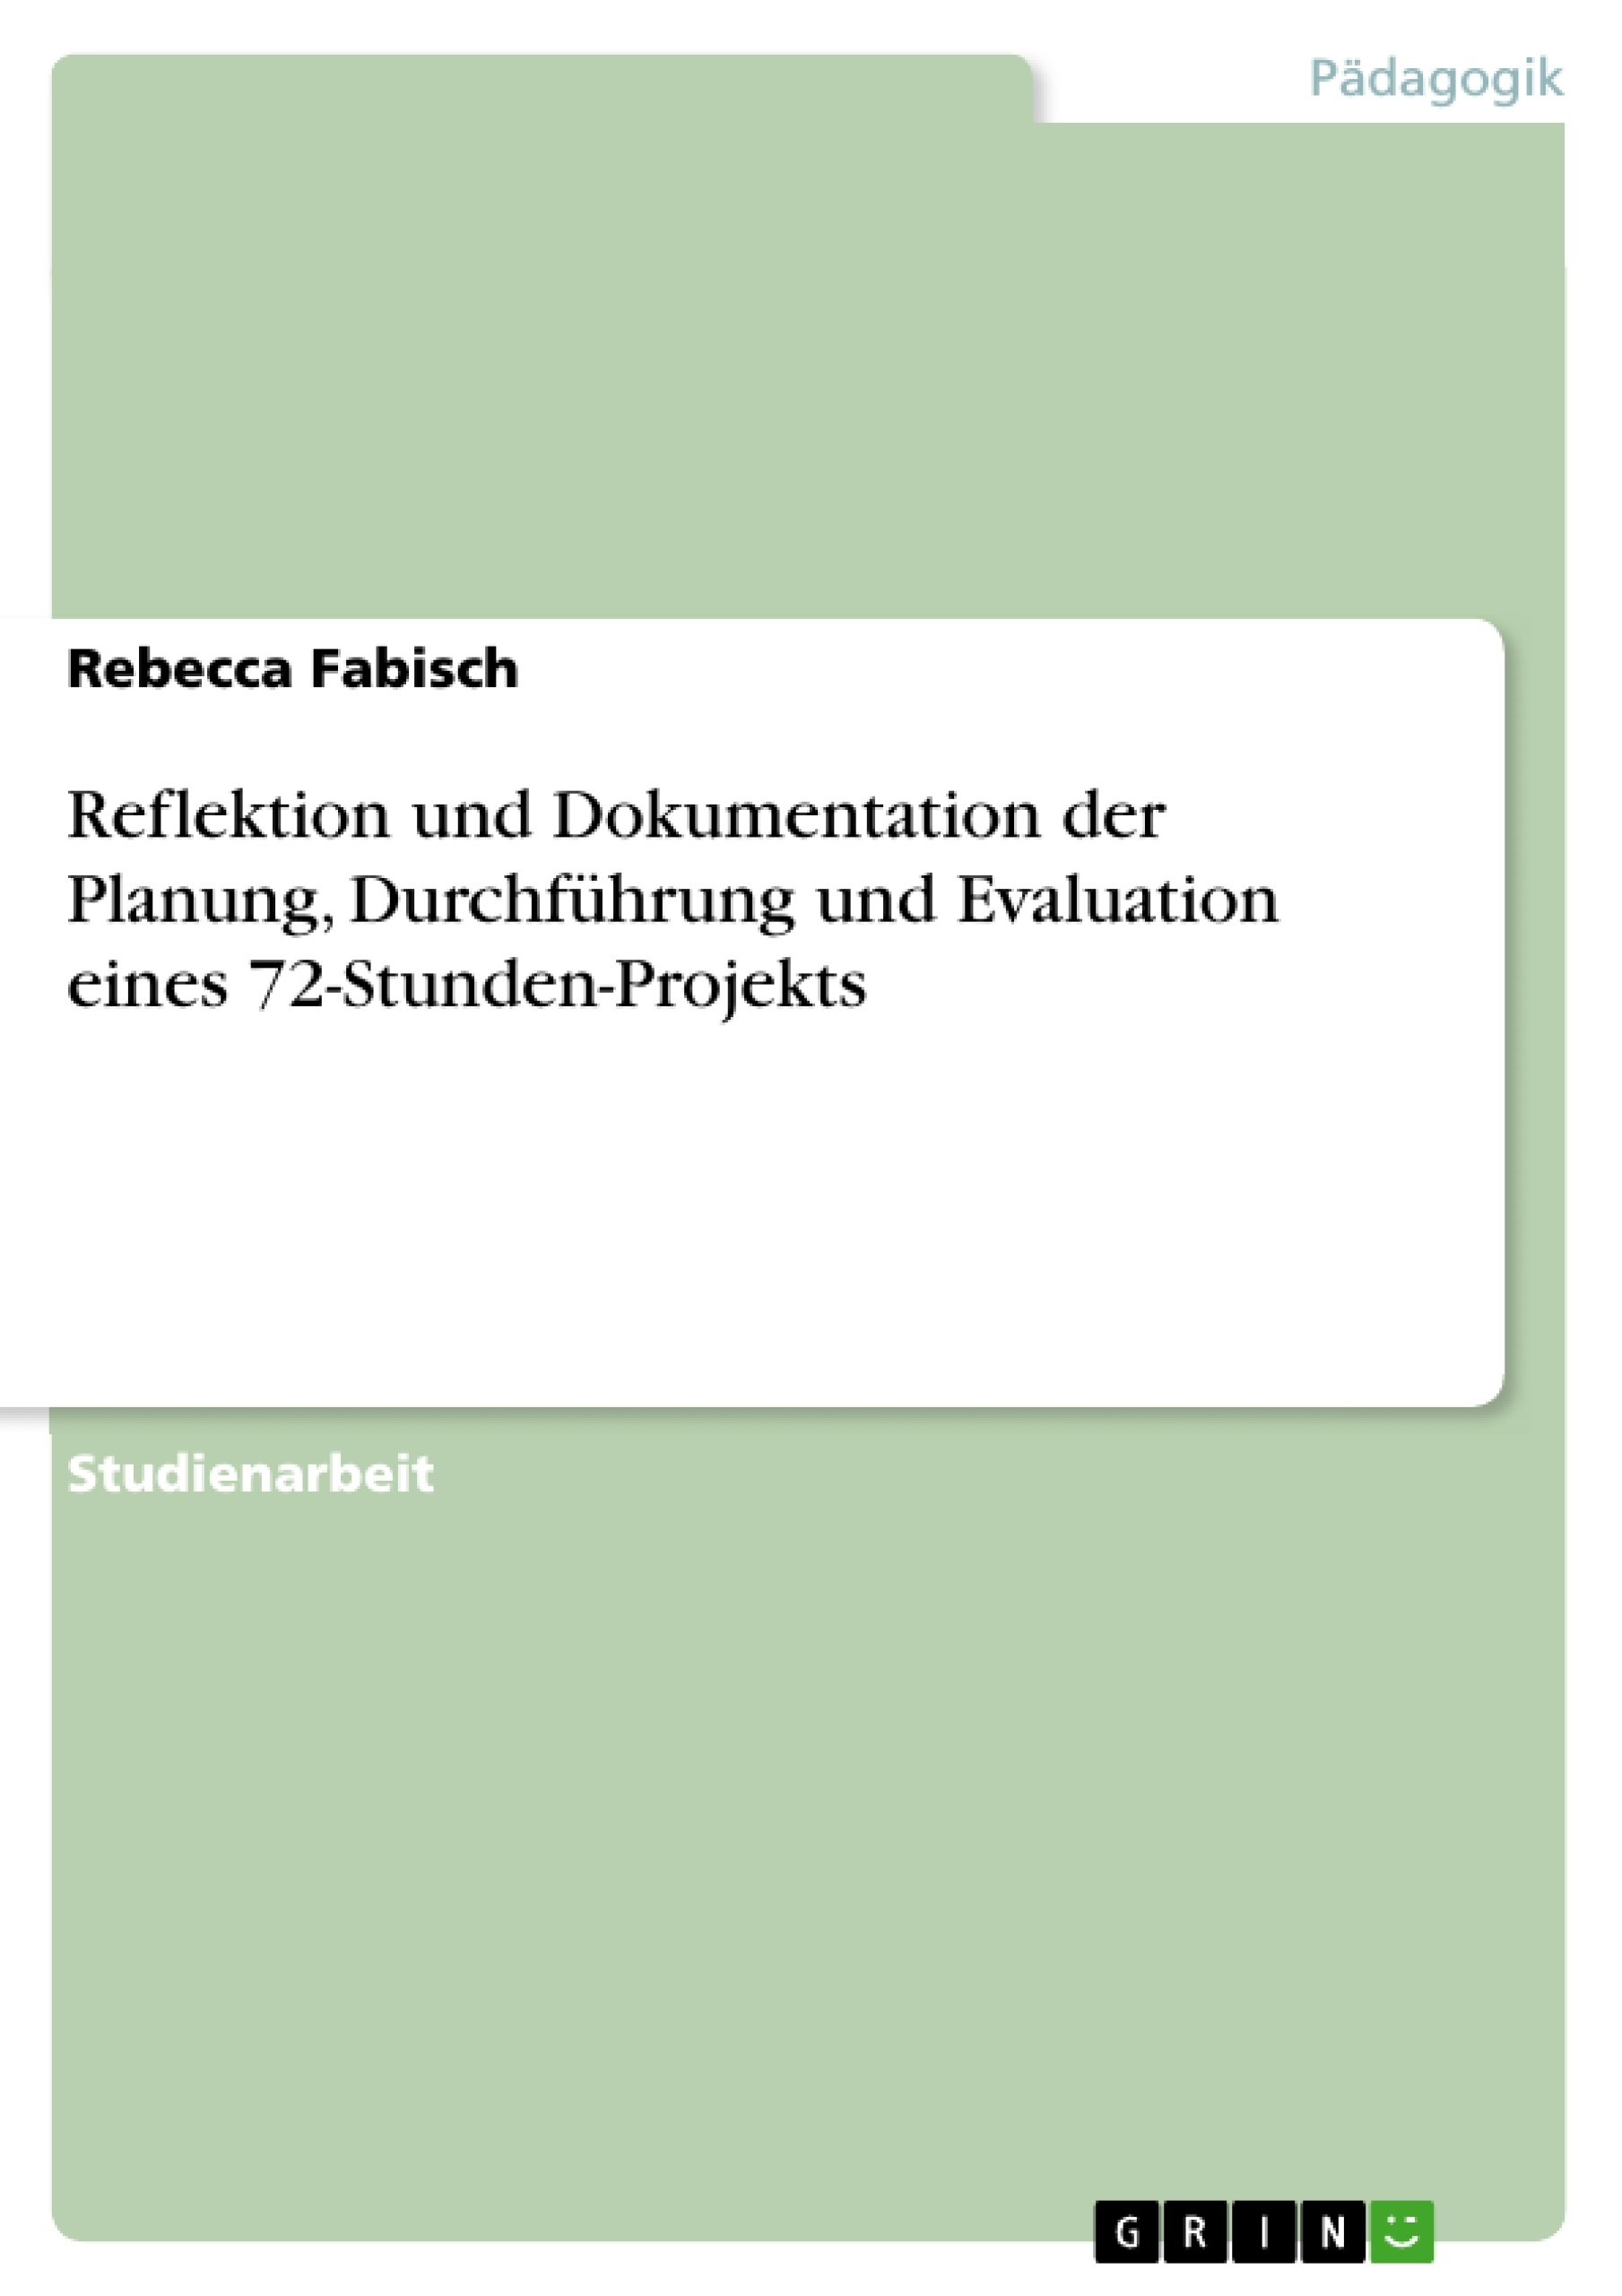 Titel: Reflektion und Dokumentation der Planung, Durchführung und Evaluation eines 72-Stunden-Projekts